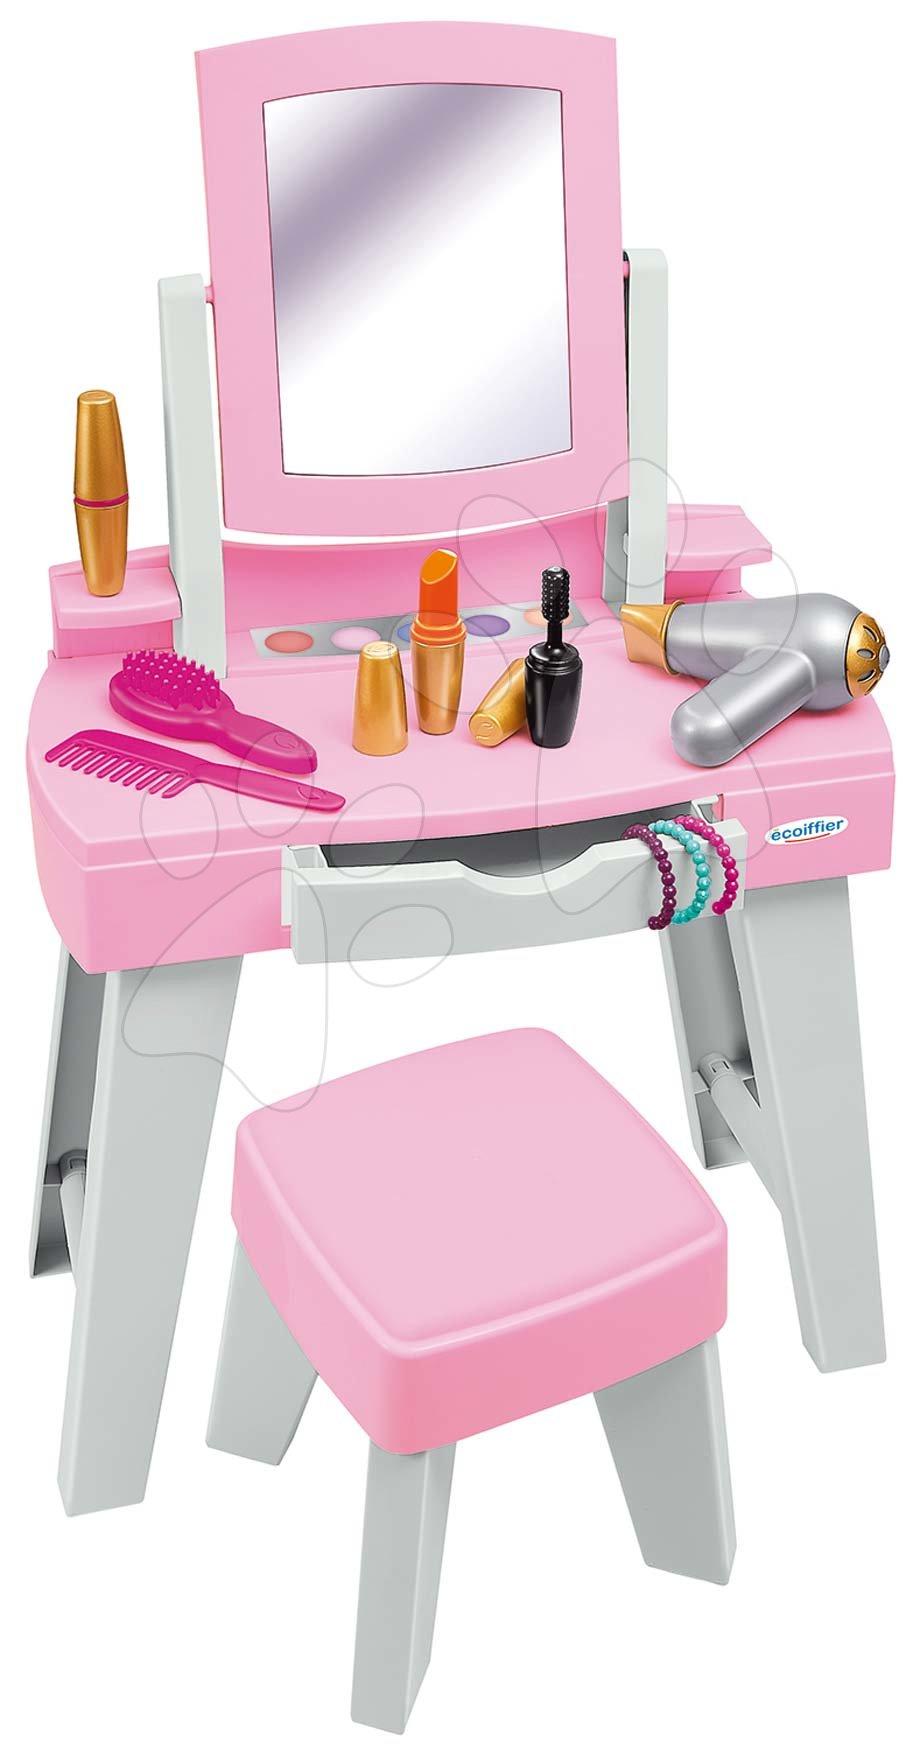 Kozmetična mizica za otroke - Kozmetična mizica s stolčkom My Very First Beauty Table Ecoiffier s sušilnikom za lase in 11 dodatki od 18 mes